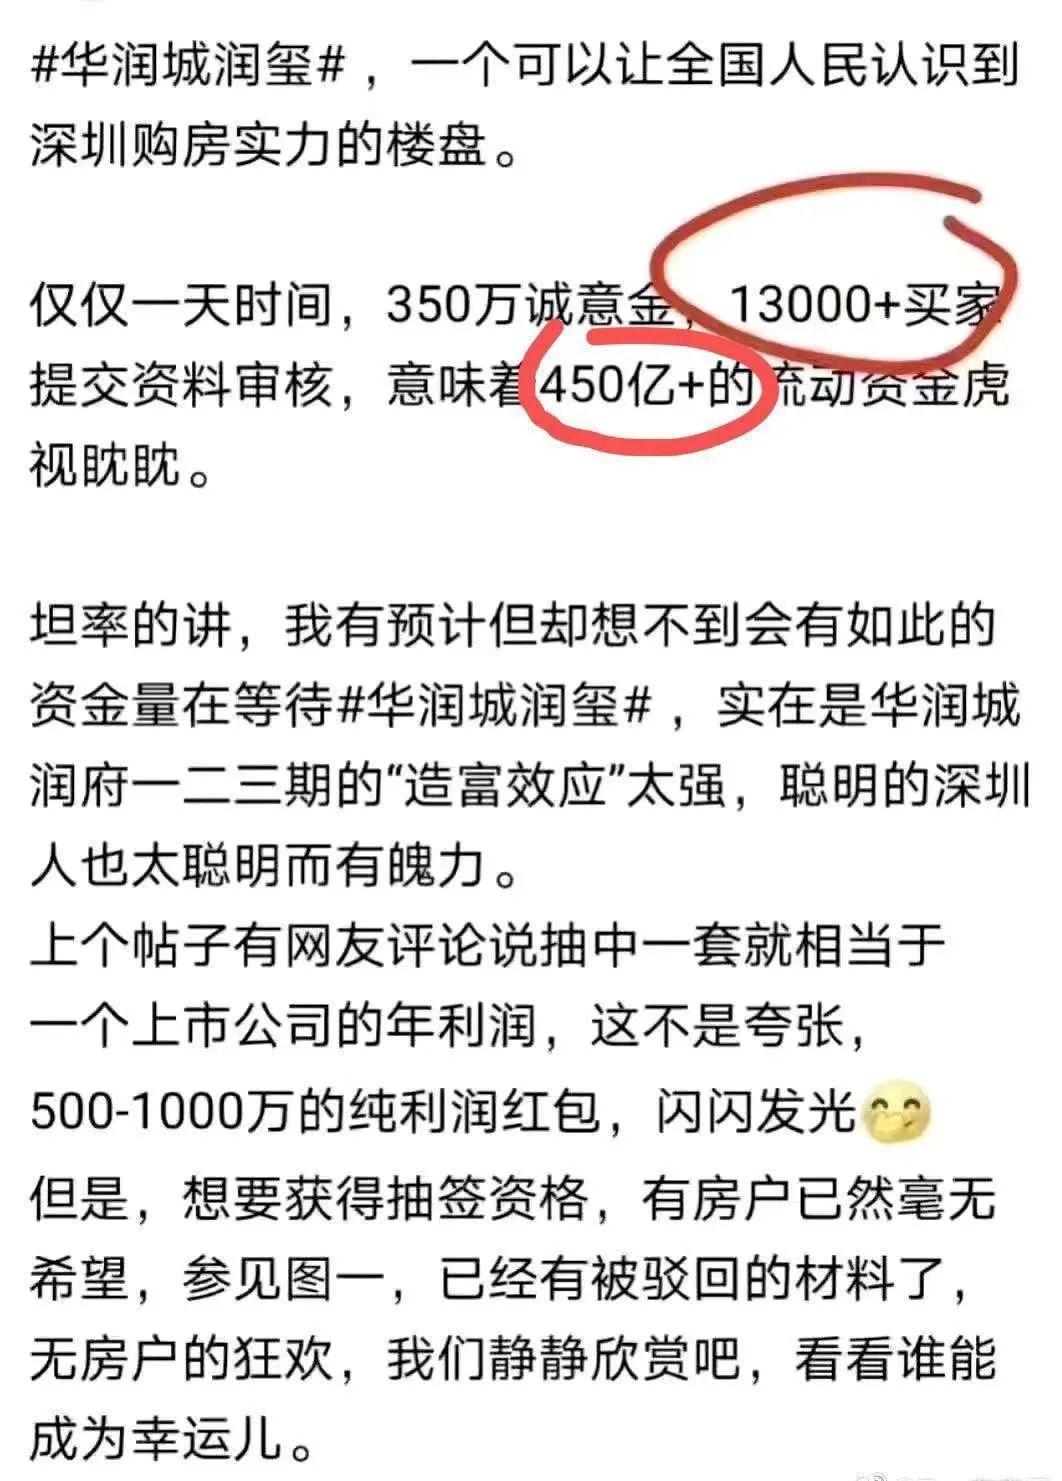 楼市凡尔赛!1.3万买家疯抢1100套豪宅 一天交了450亿 抢到就赚500万